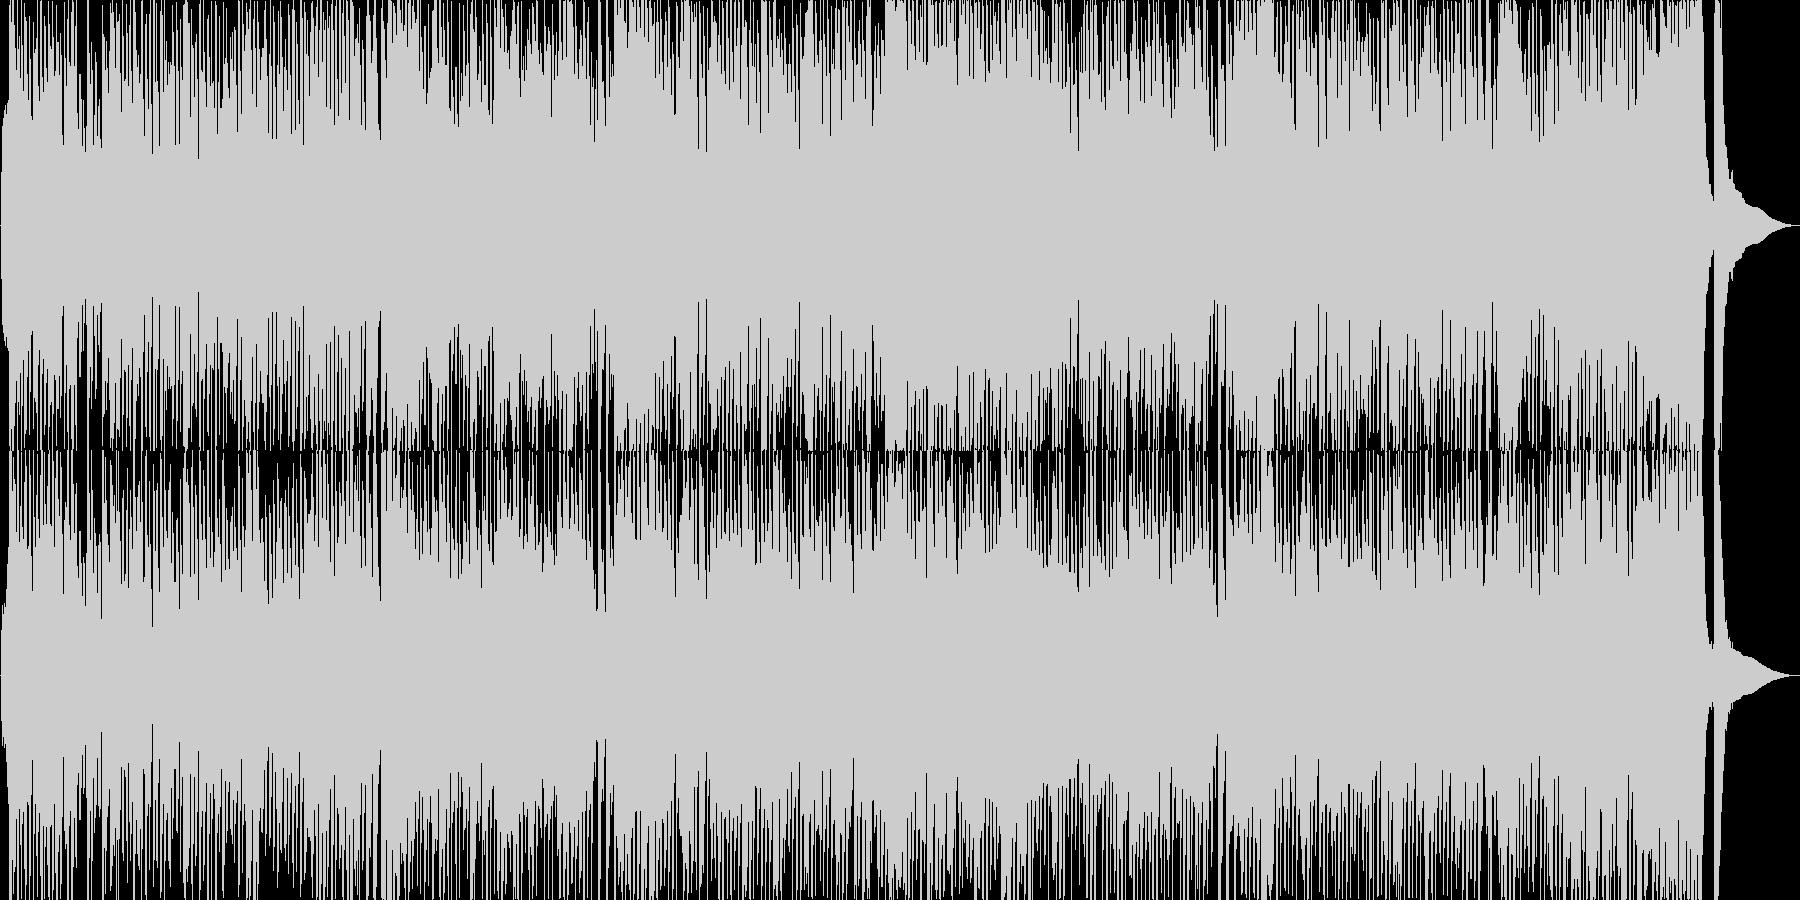 大正昭和浪漫風のサロン的な楽曲の未再生の波形